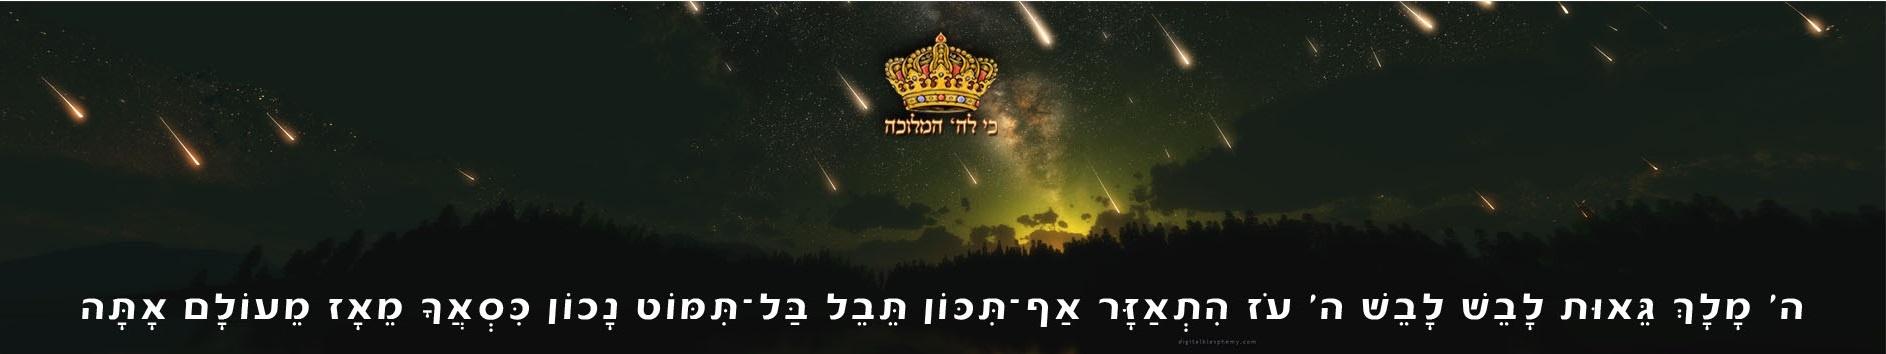 ביאור נבואת דניאל: יִתְבָּרֲרוּ וְיִתְלַבְּנוּ וְיִצָּרְפוּ רַבִּים וְהִרְשִׁיעוּ רְשָׁעִים וְלֹא יָבִינוּ כָּל רְשָׁעִים, וְהַמַּשְׂכִּלִים יָבִינוּ – שורש השאלה הנפוצה: אמרו את זה כל שנה!!